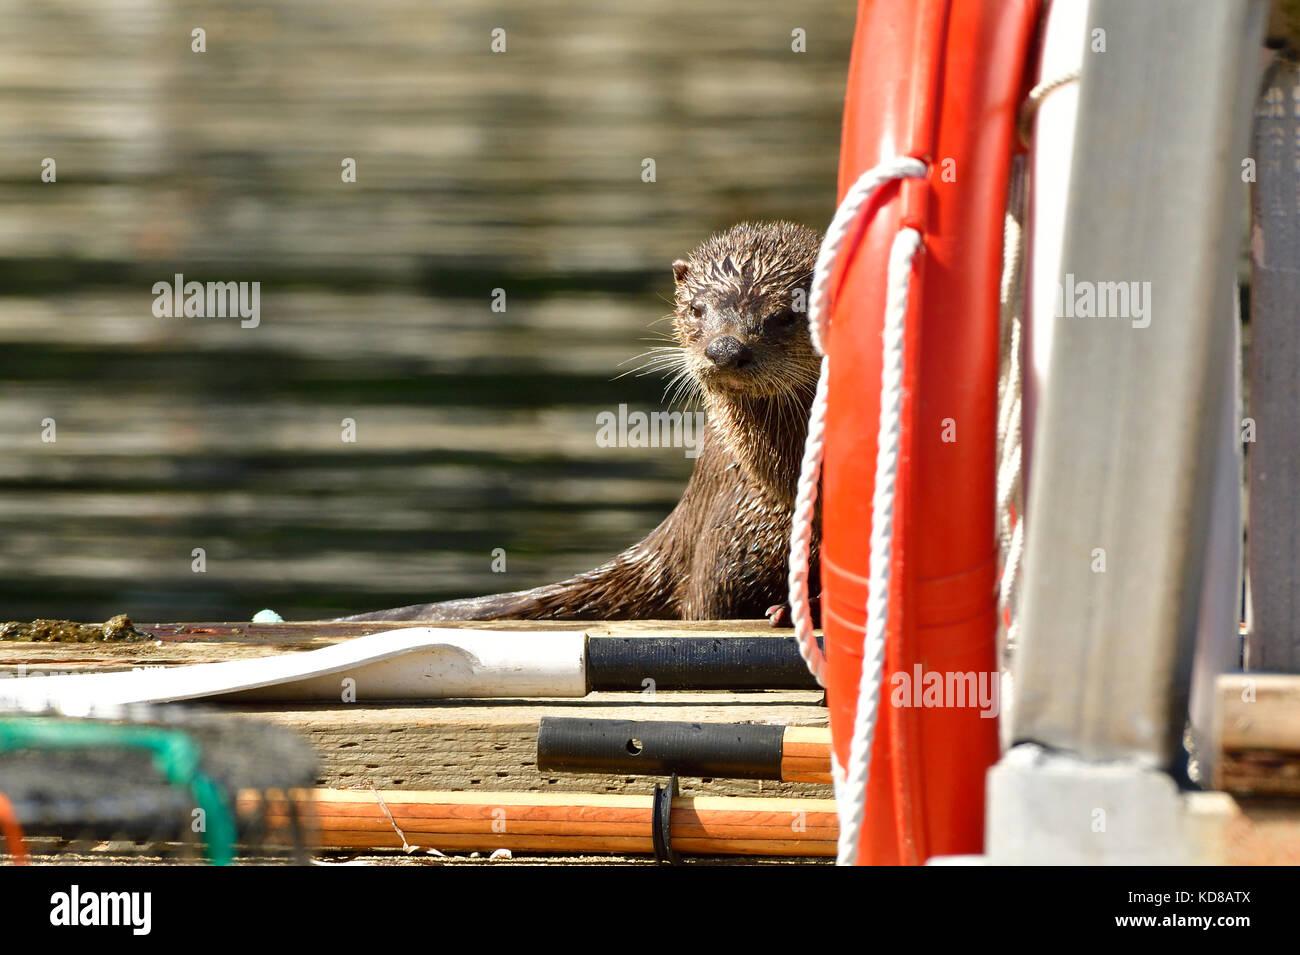 Un timide la loutre de rivière (Lutra canadensis); se cacher derrière certains équipements Photo Stock